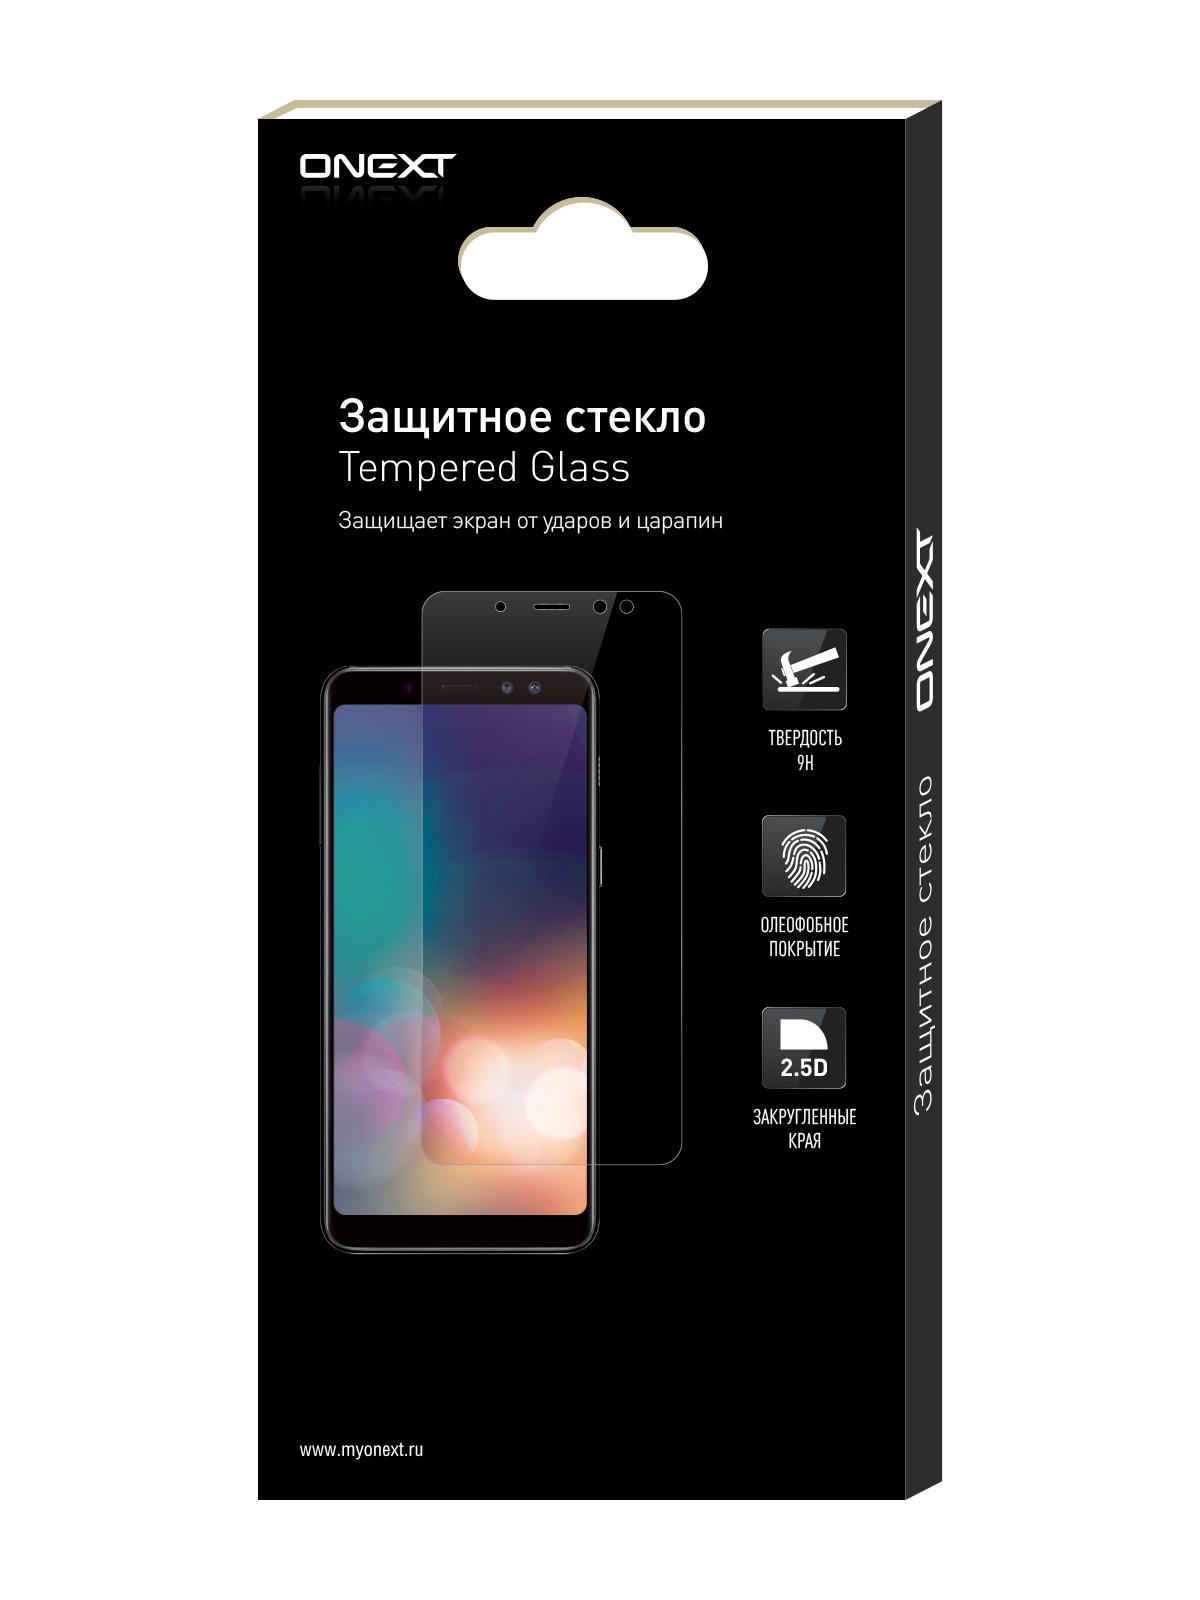 Защитное стекло ONEXT HTC Desire 628 телефон htc desire 628